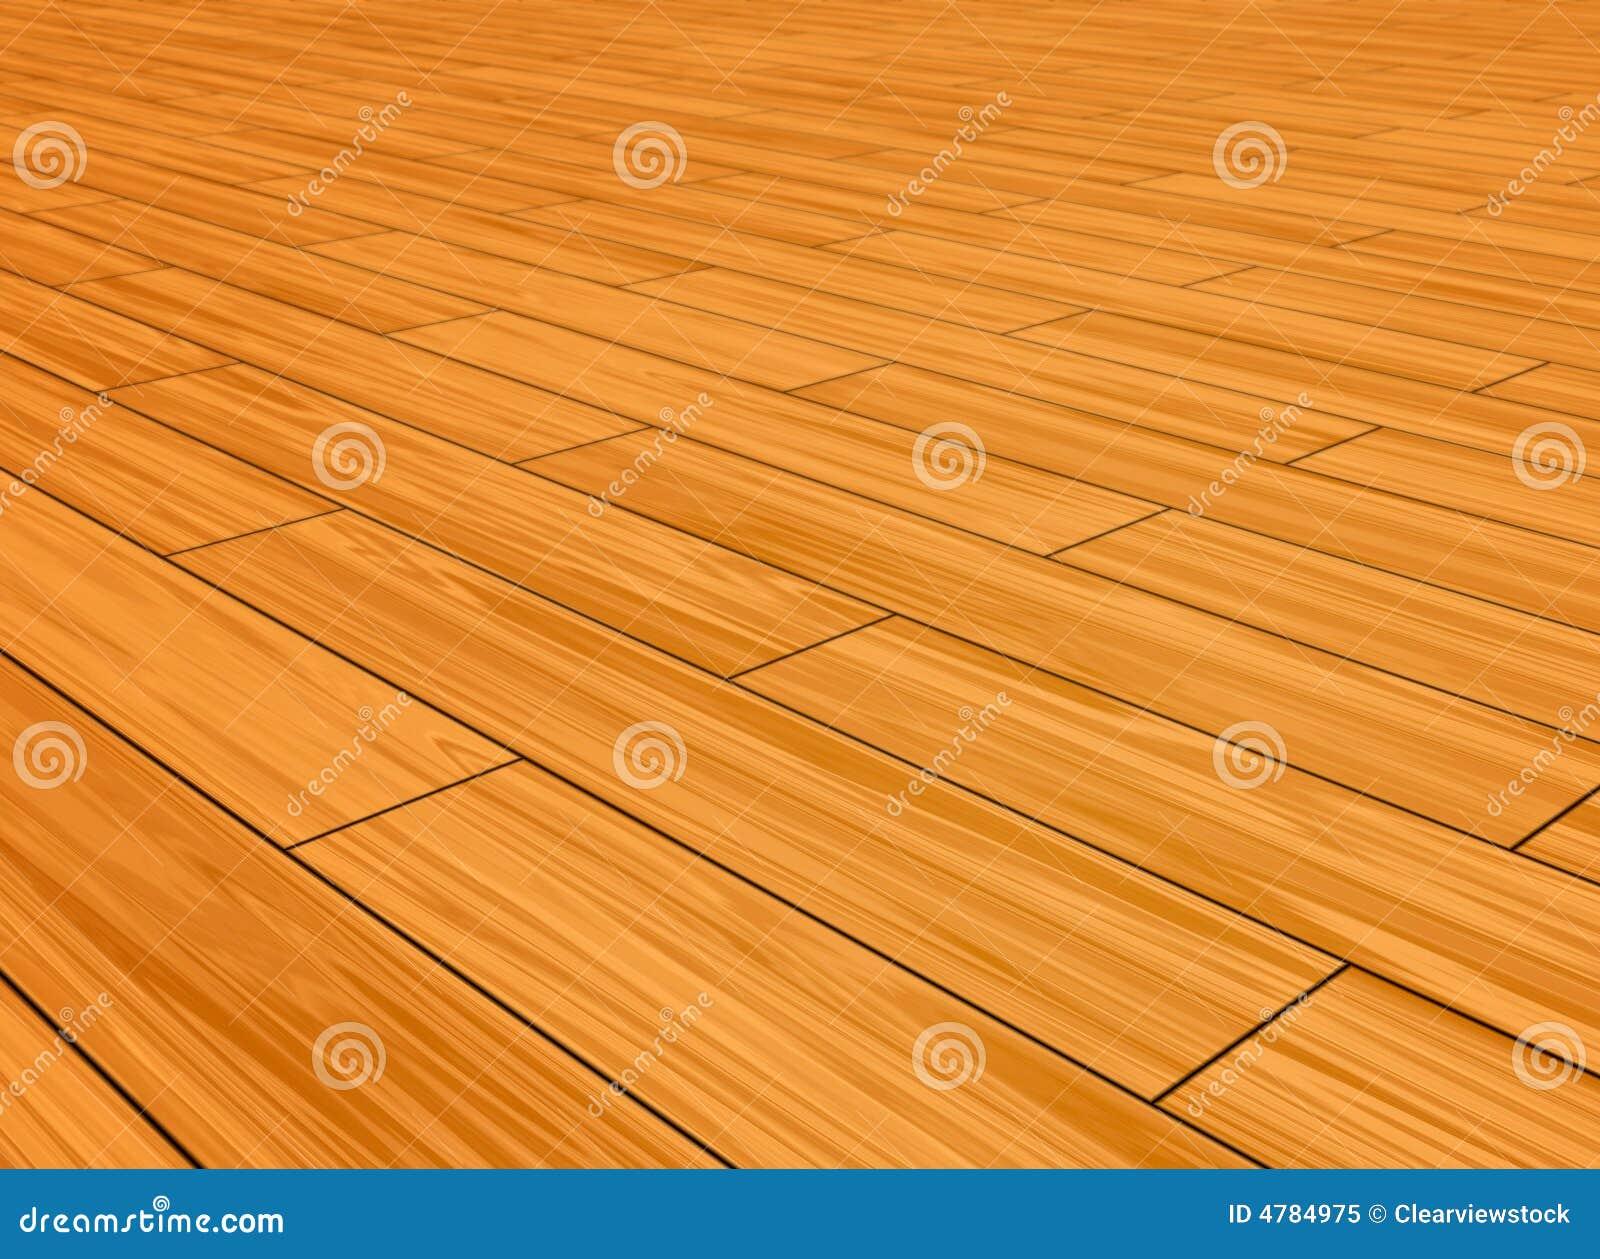 laminate flooring background royalty free stock photo - image: 4784975